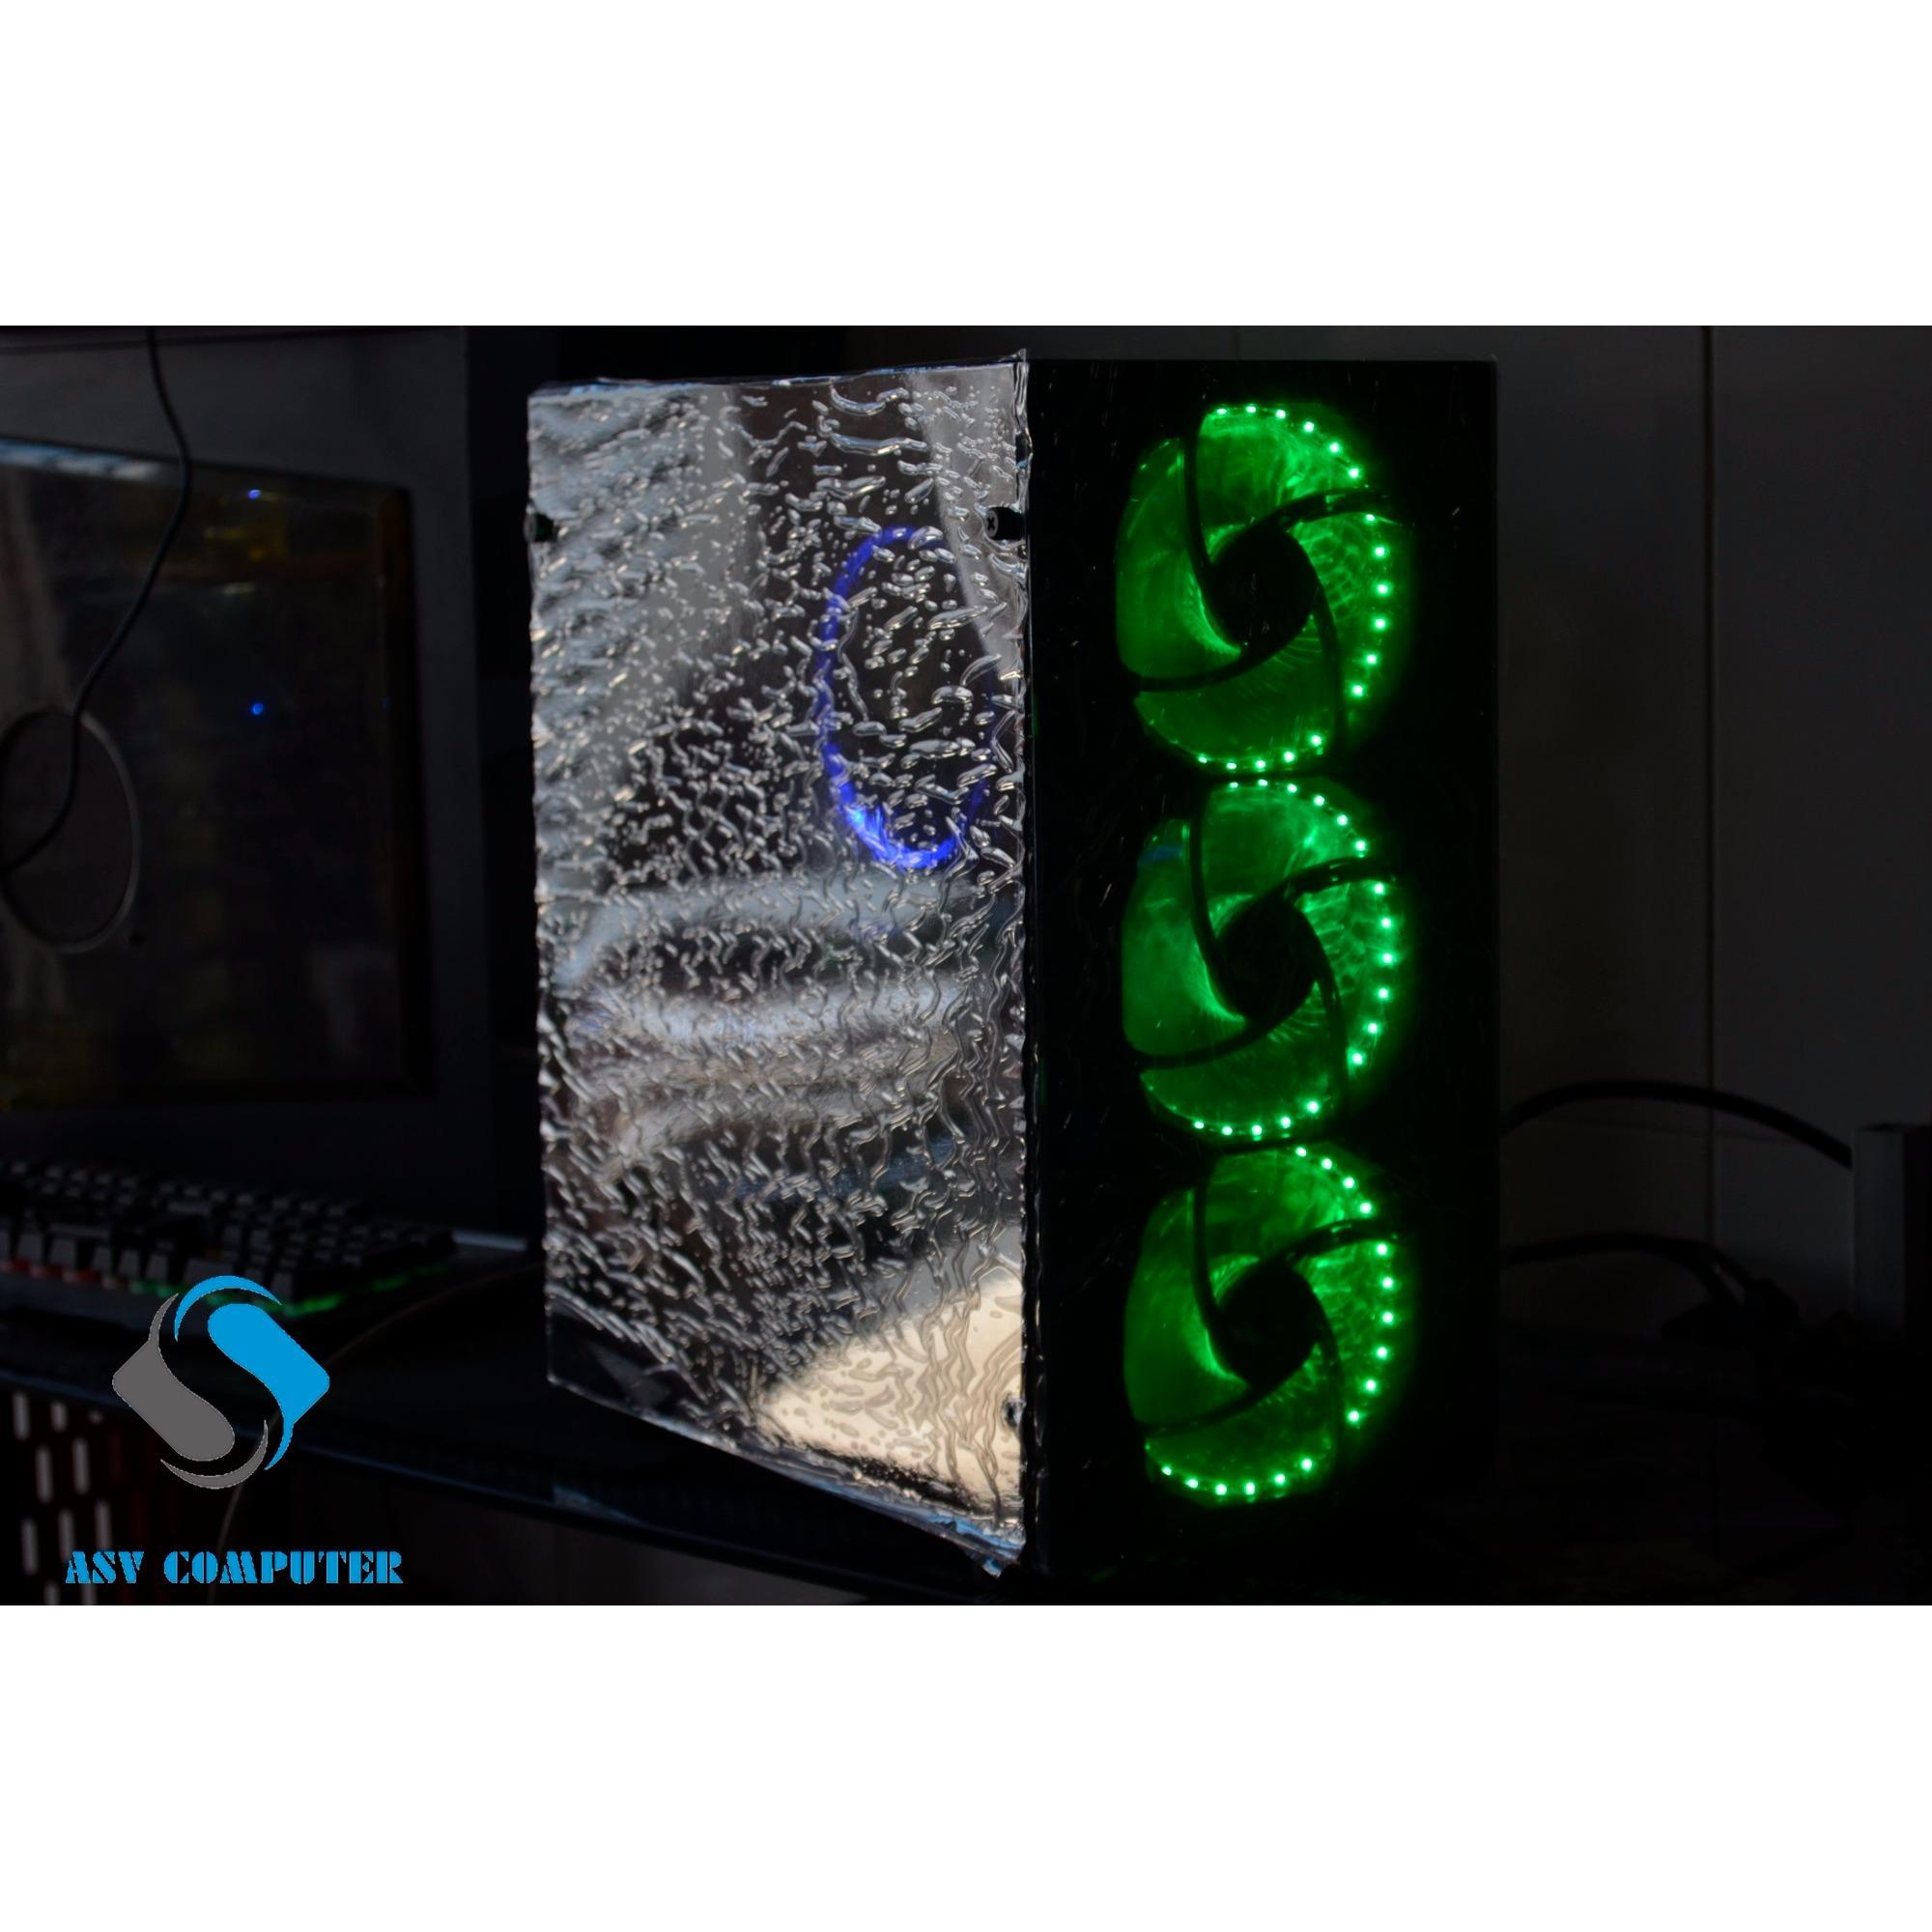 Hình ảnh PC CHƠI Game PUBG core I5 3570 Ram 8G Hdd 500G Vga - GTX 1050 2G